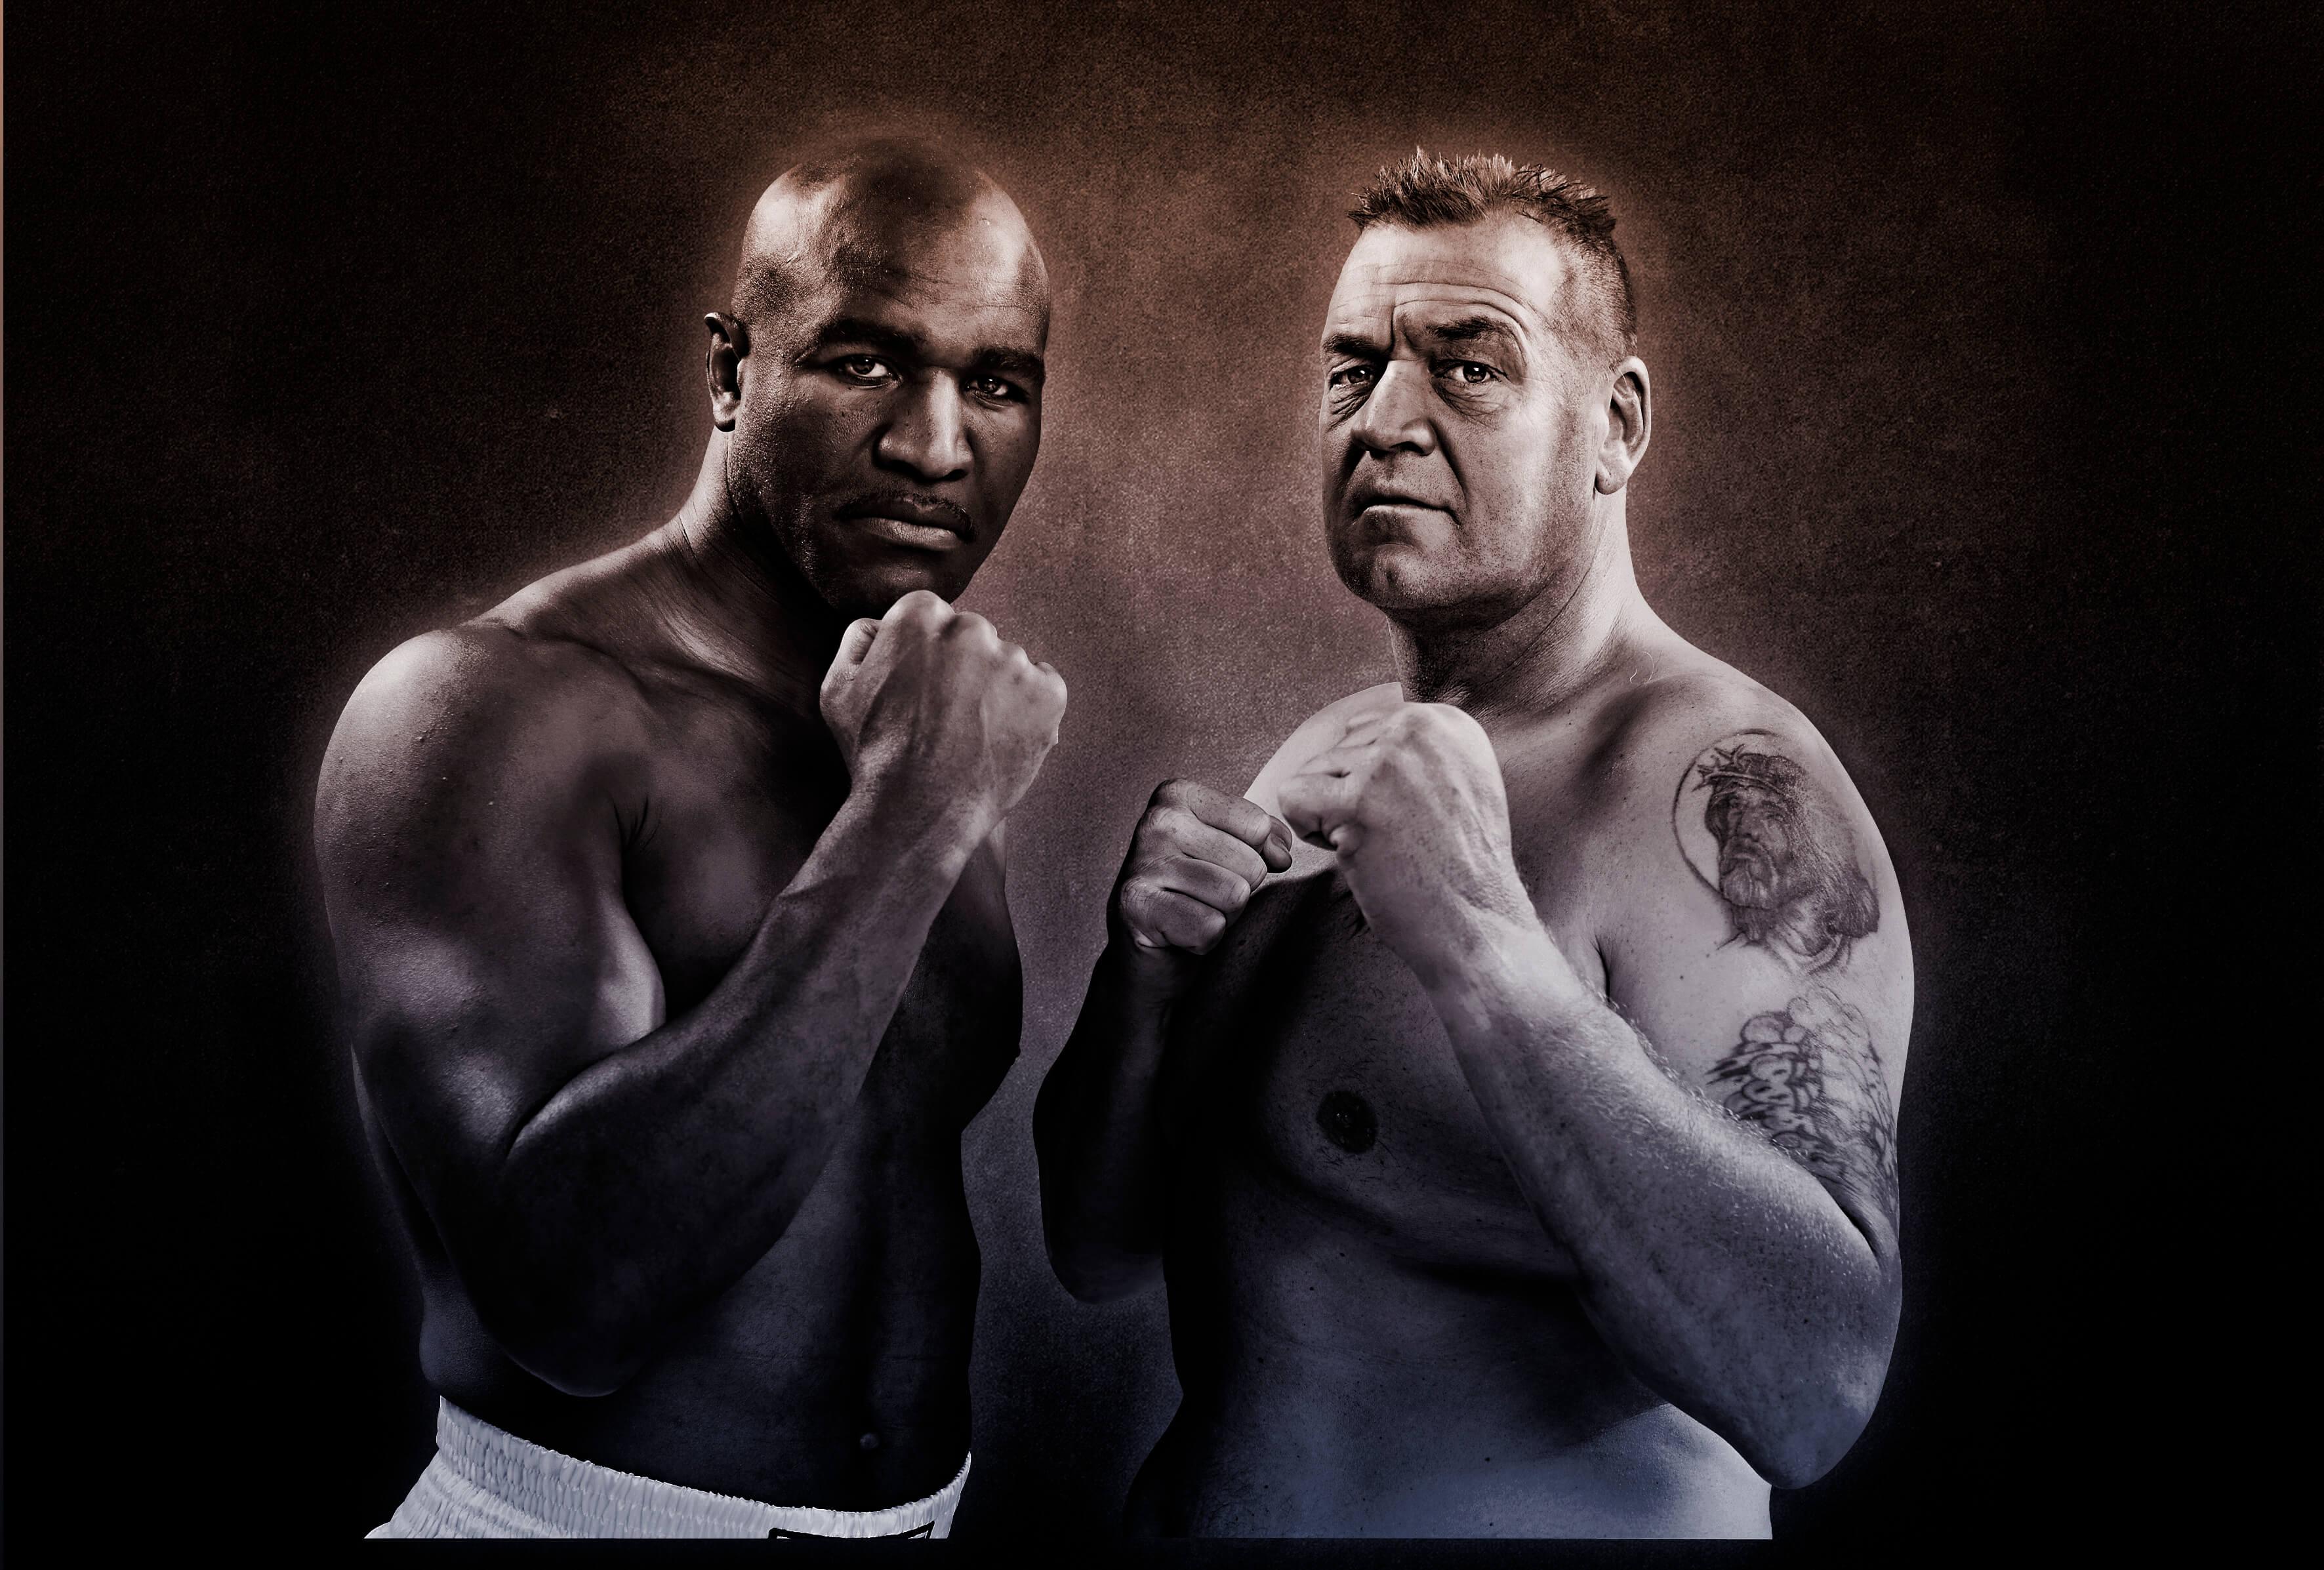 Brian Nielsen og Evander Holyfield, Legends of the Ring